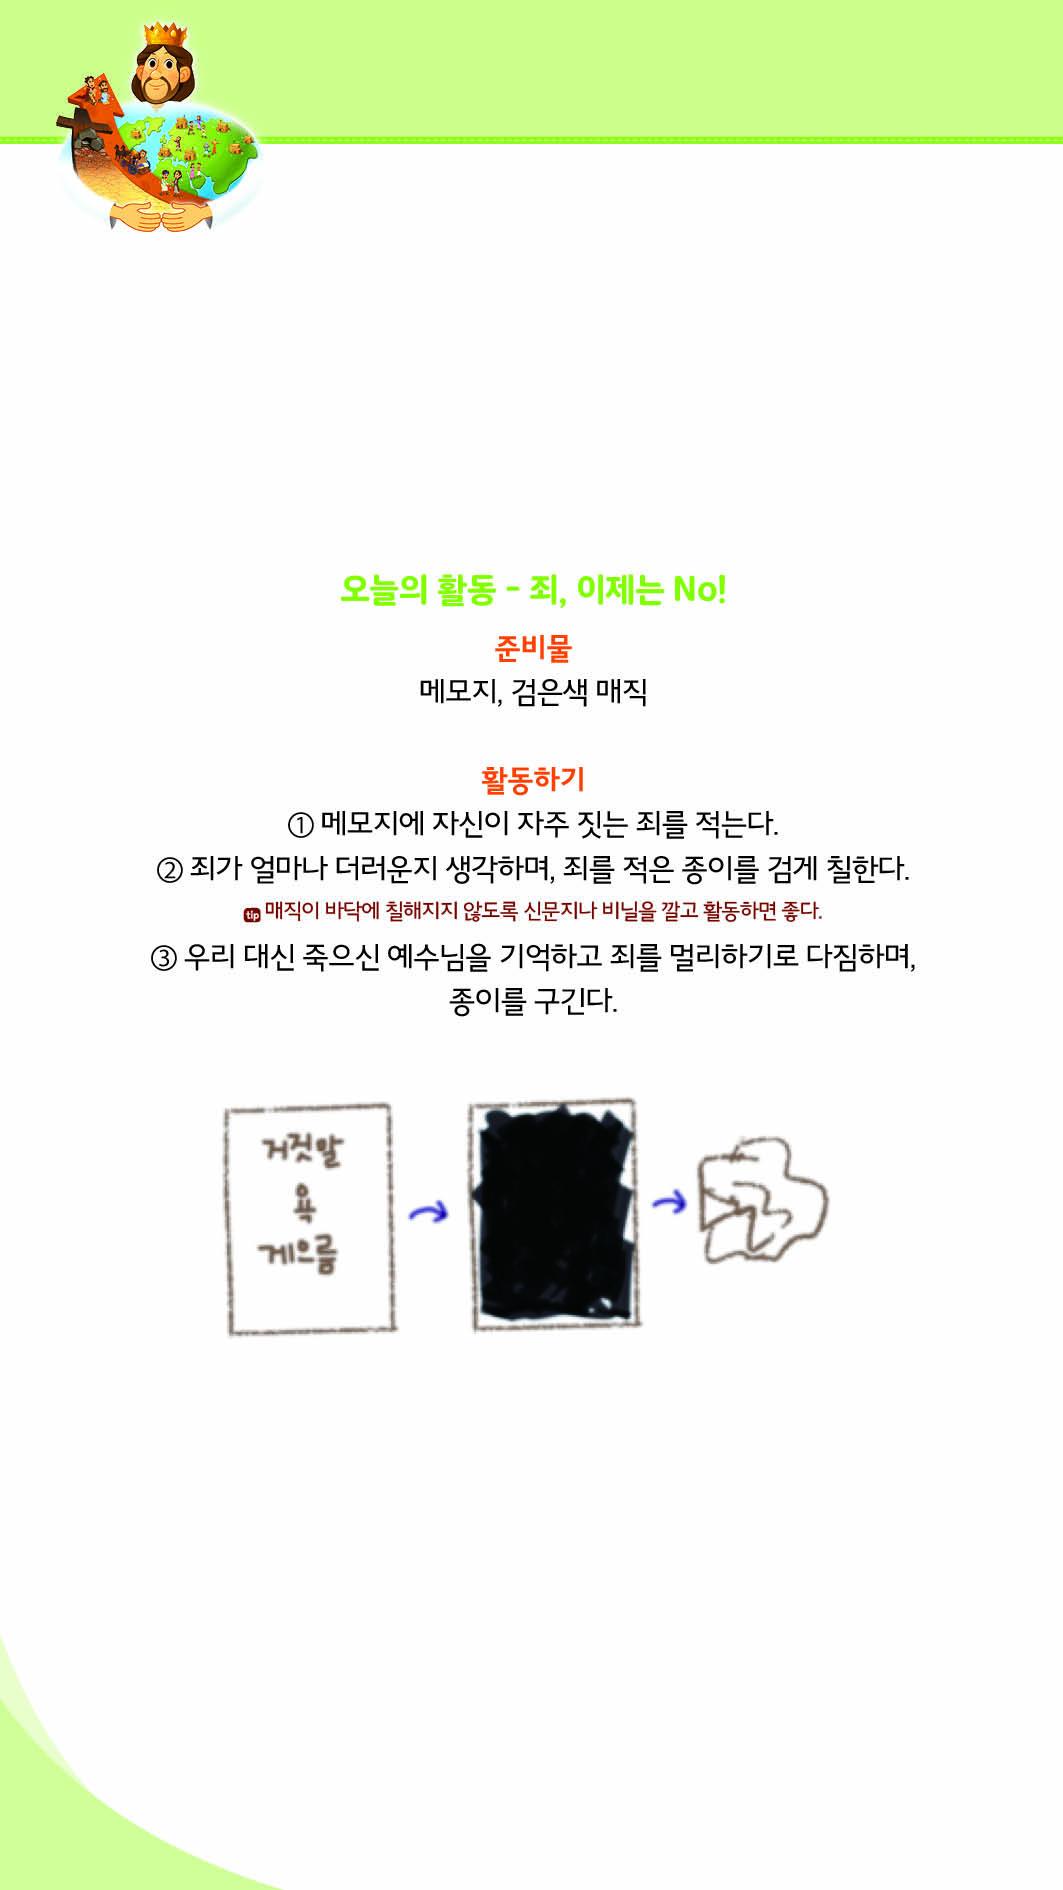 예빌 가정활동자료_신약2 모바일_5과 학령기3.jpg